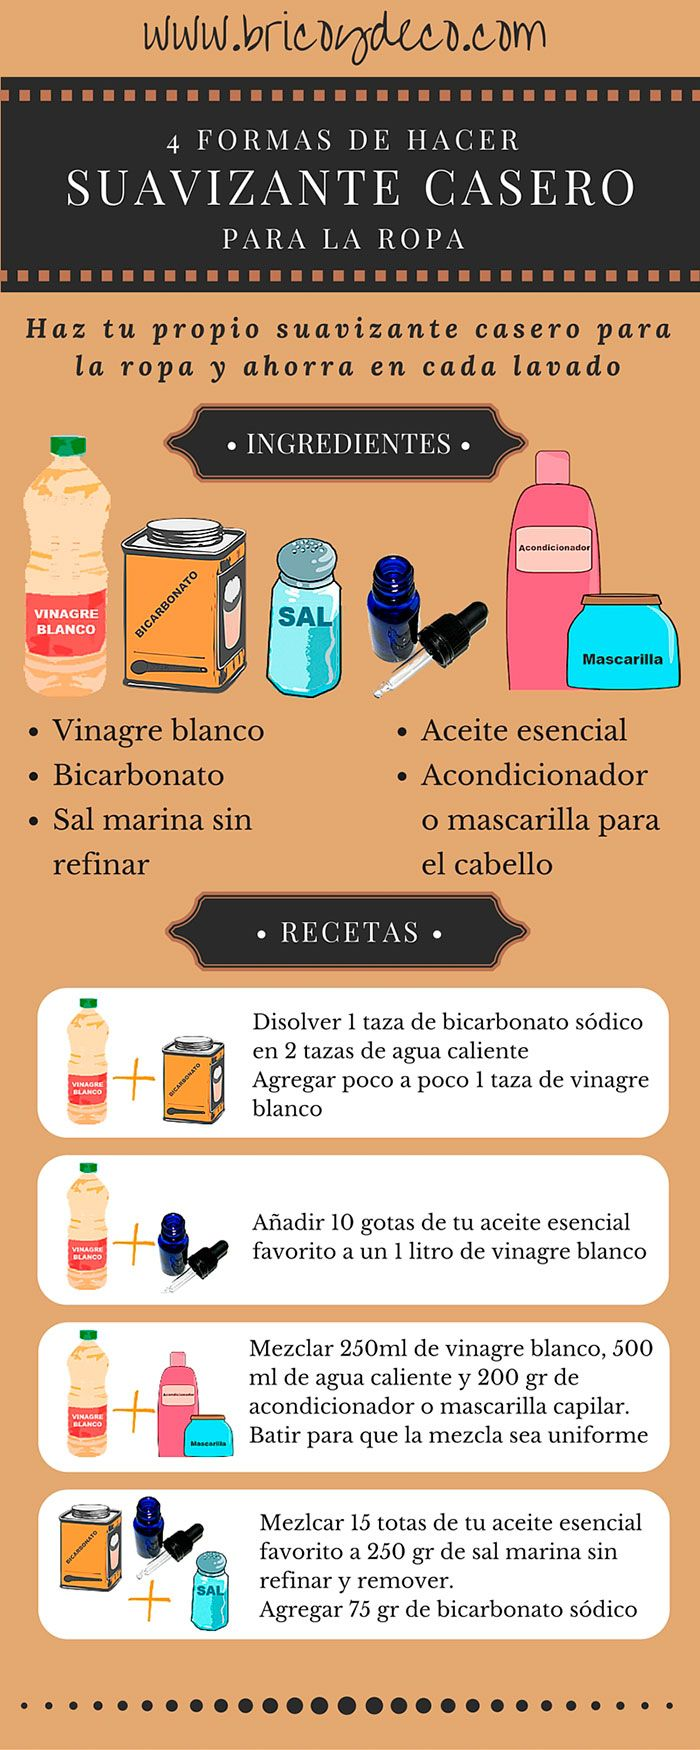 4 formas de hacer suavizante casero para la ropa en www.bricoydeco.com                                                                                                                                                                                 Más